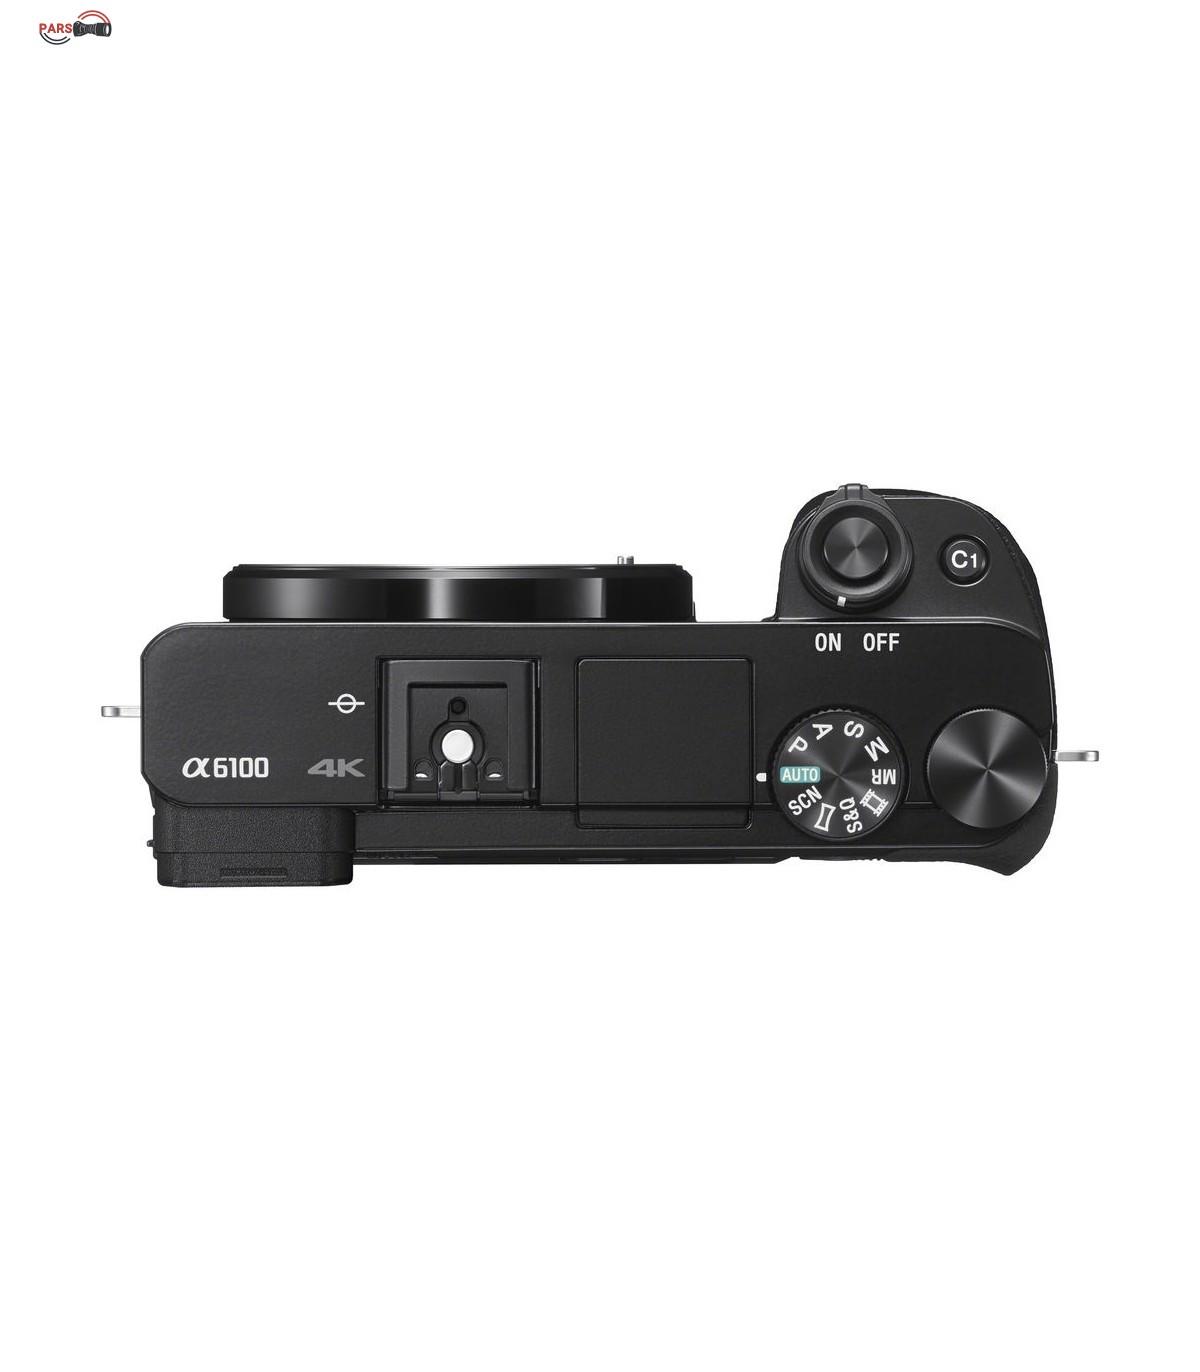 دوربین بدون آینه سونی a6100 body